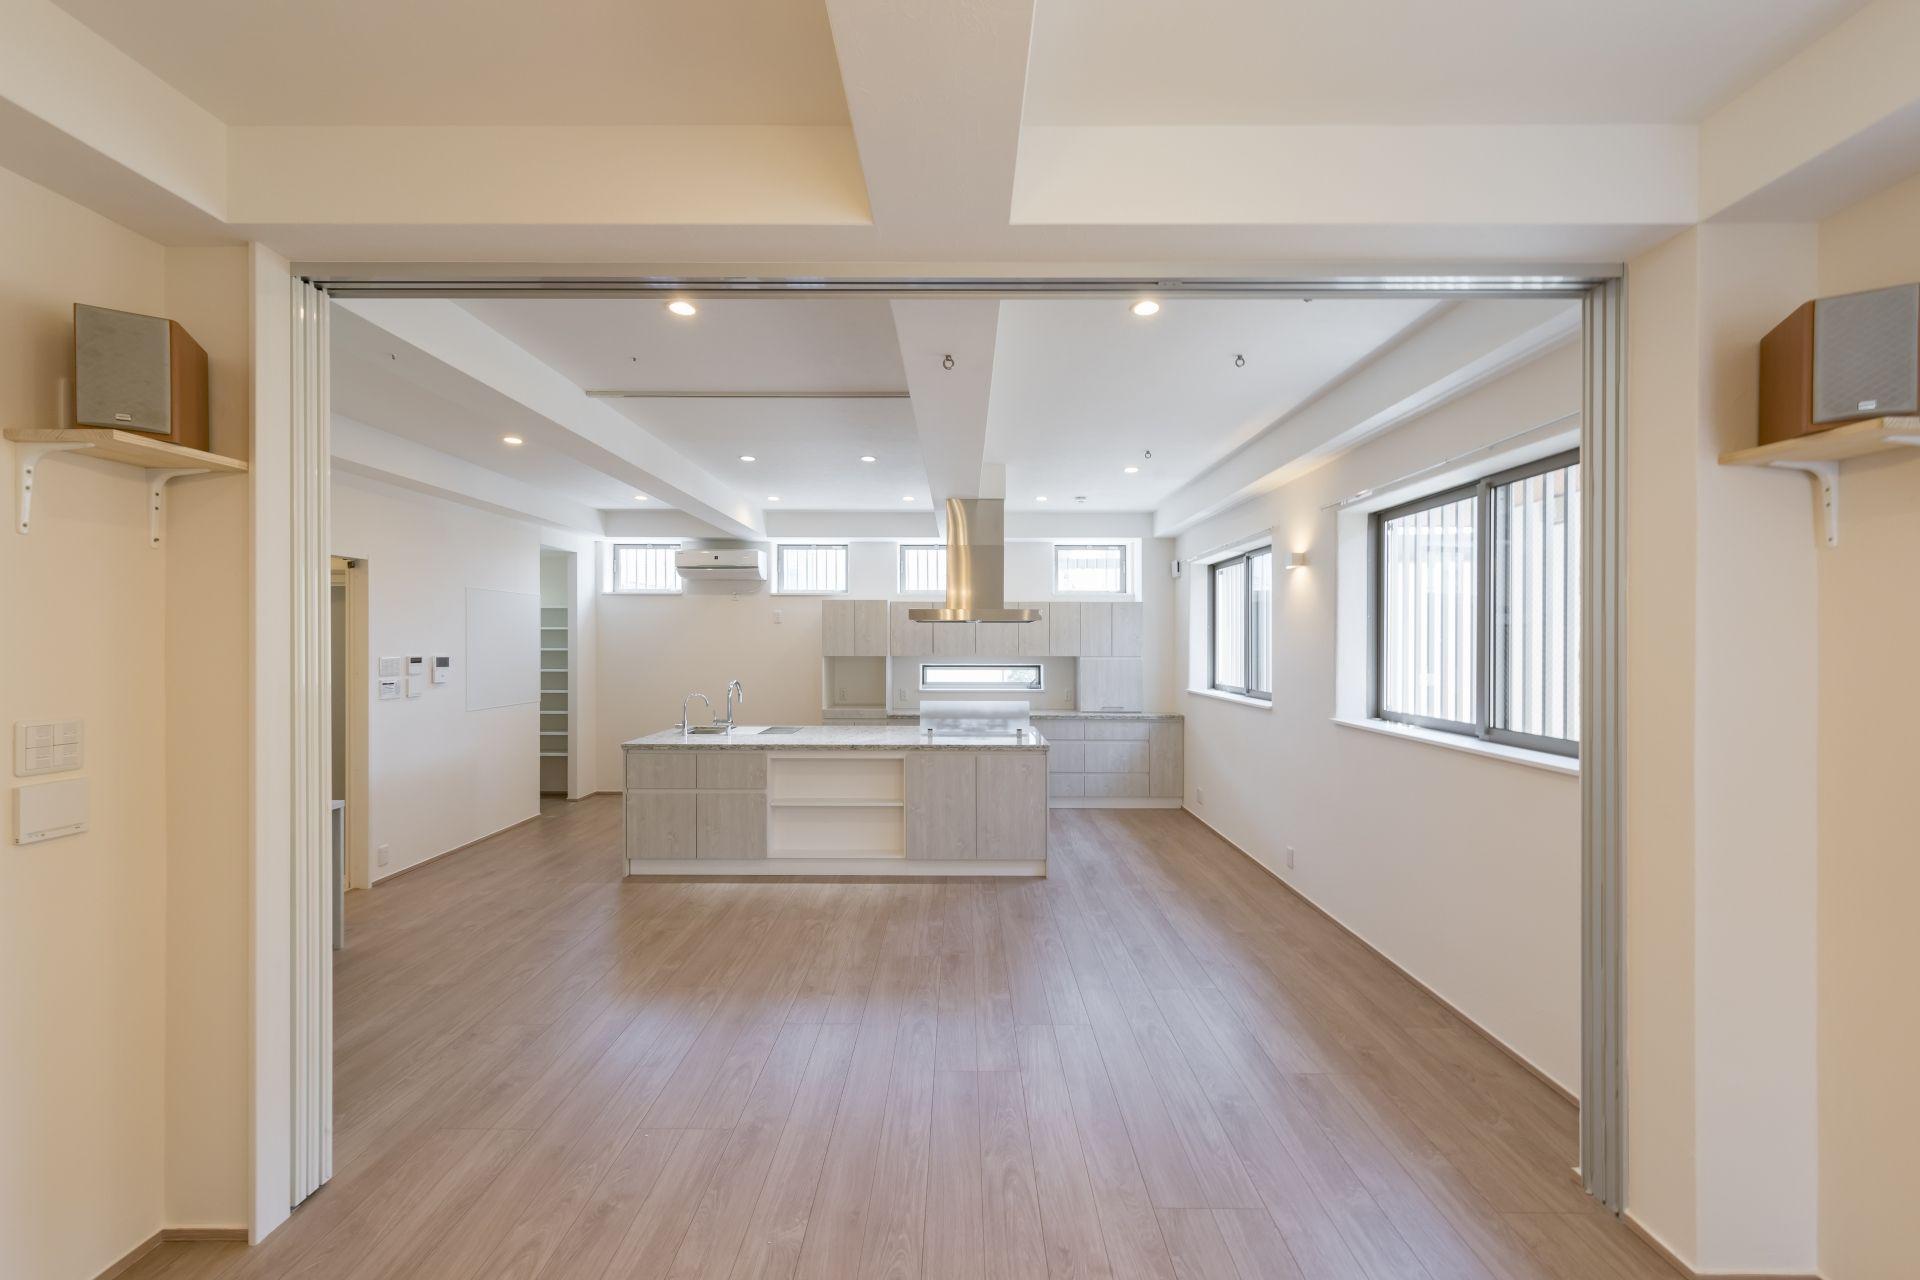 2世帯住宅 ホームエレベーターのある家 ステンドグラス Ironhomes Design アイアンホームズ 名古屋 重量鉄骨造 外断熱 高気密 遮熱 デザイン 家 鉄骨 デザイン